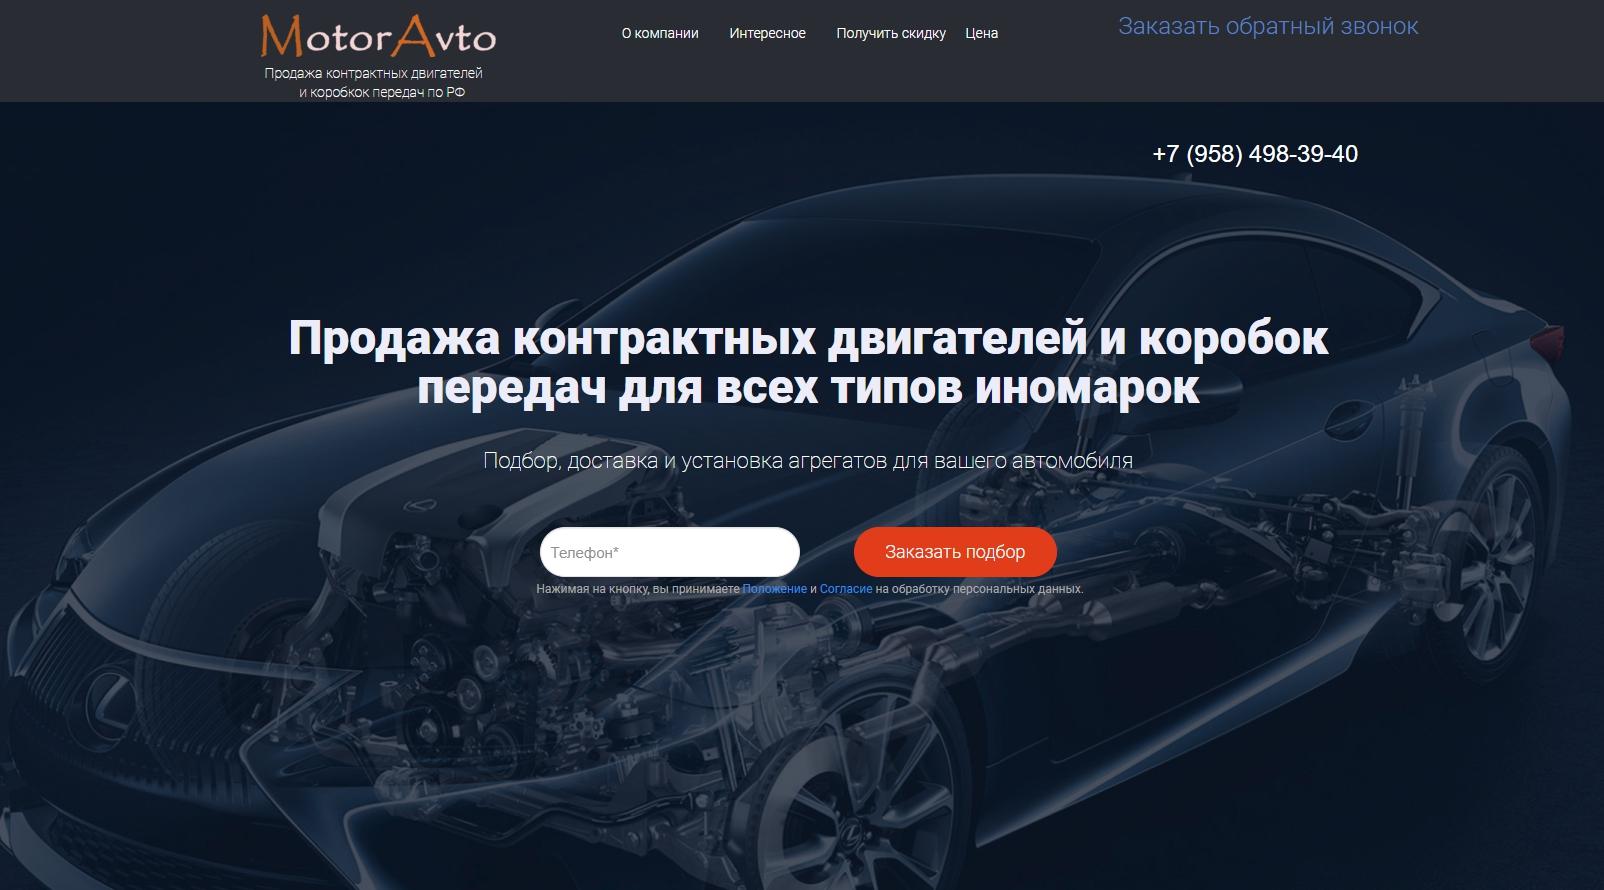 Кейс по продаже ДВС и КПП – оригинал страницы, первый экран